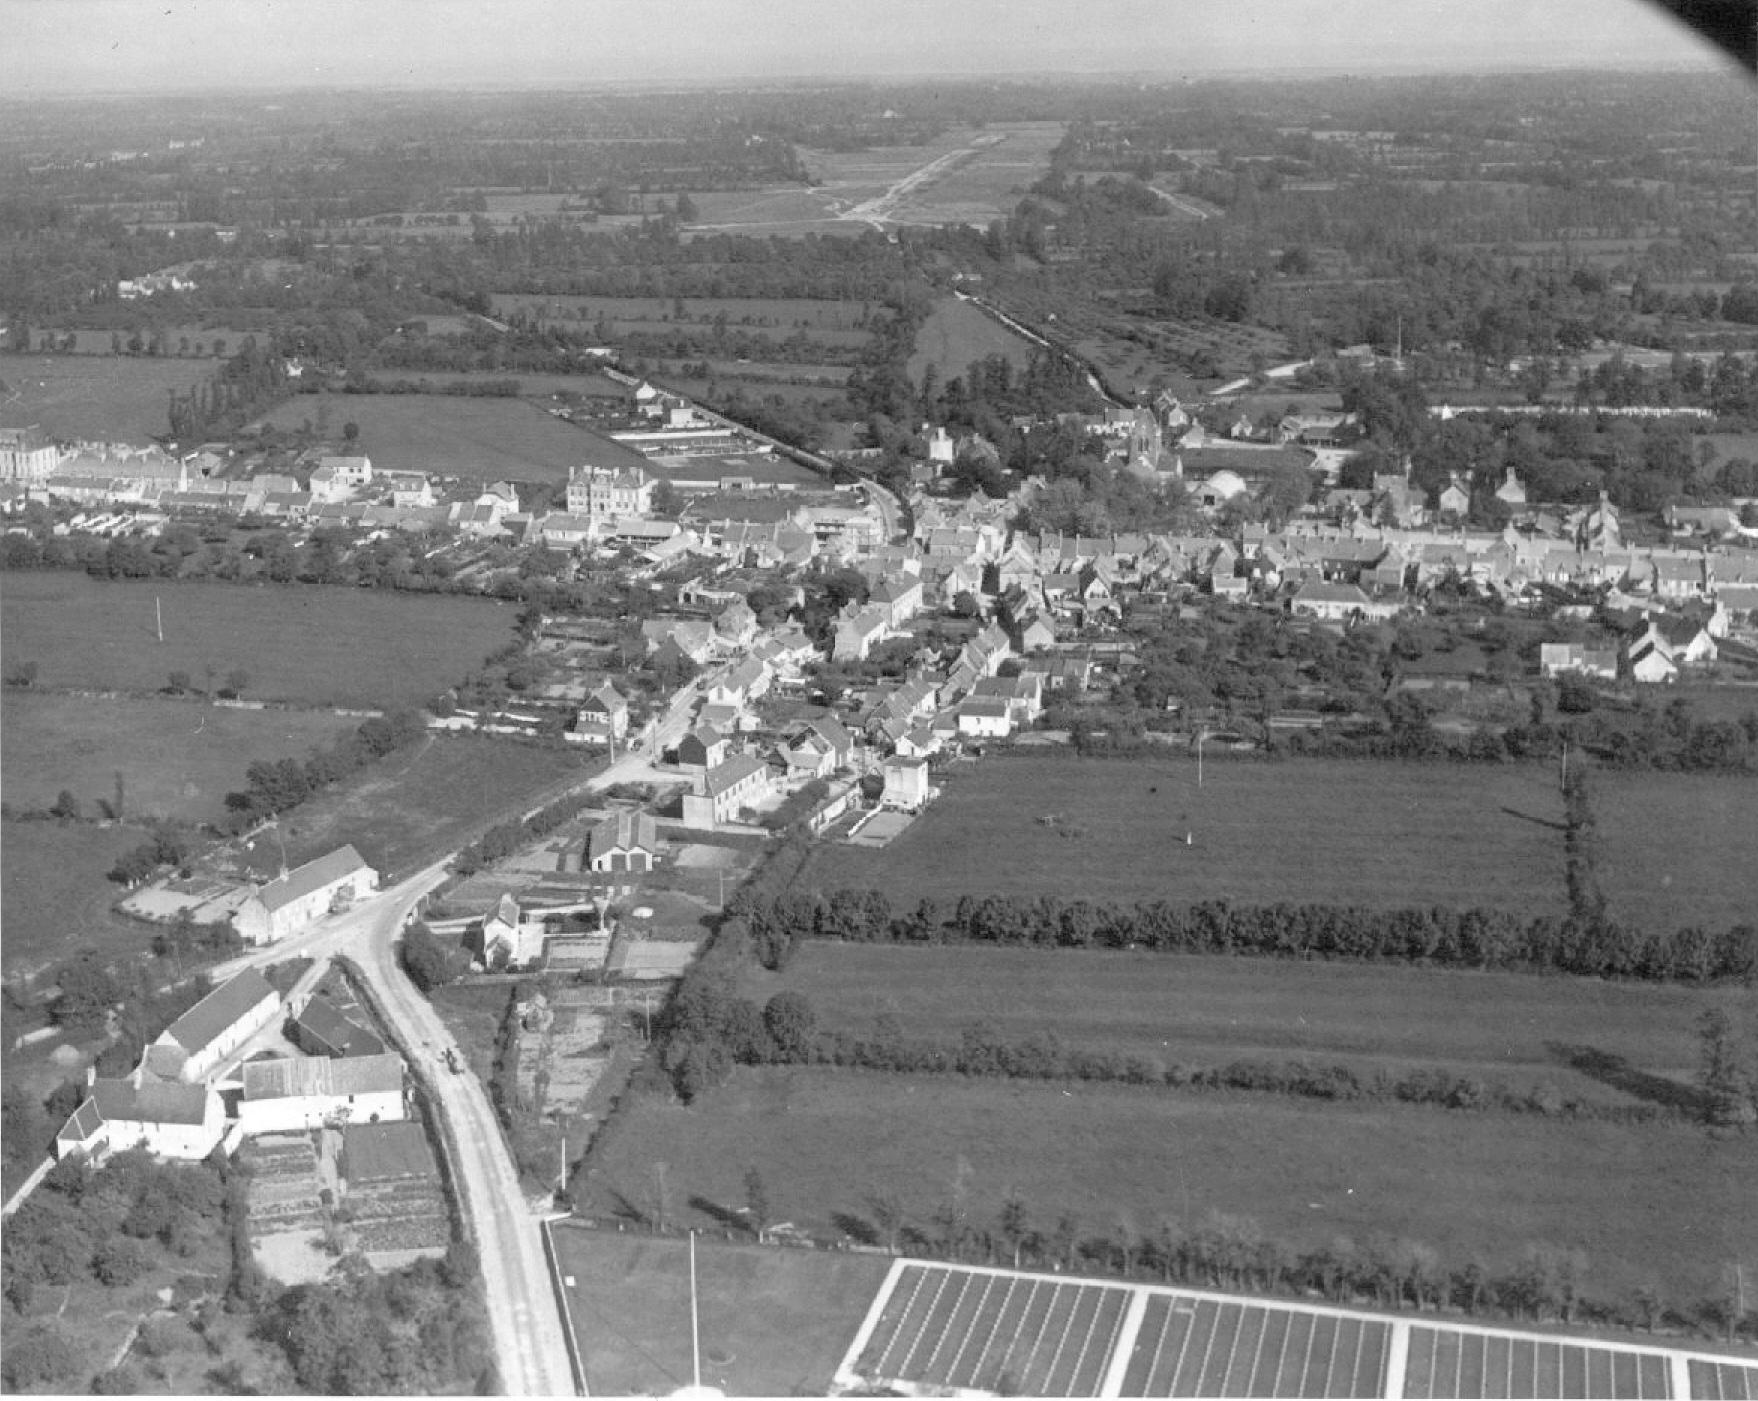 St._Mere_Eglise_1944.jpg